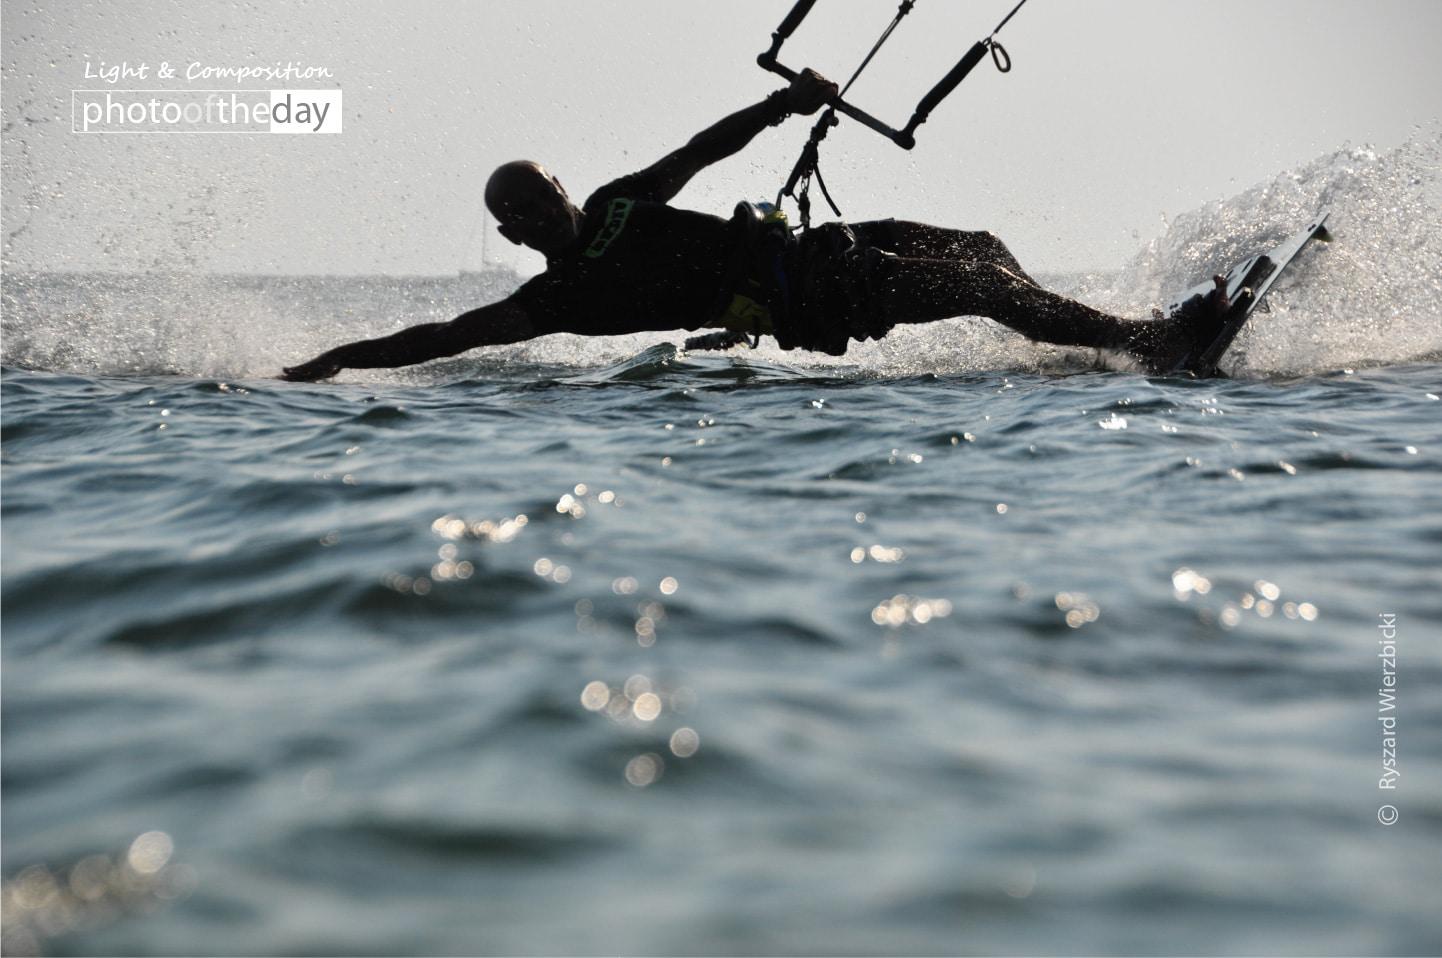 Water Sliding by Ryszard Wierzbicki